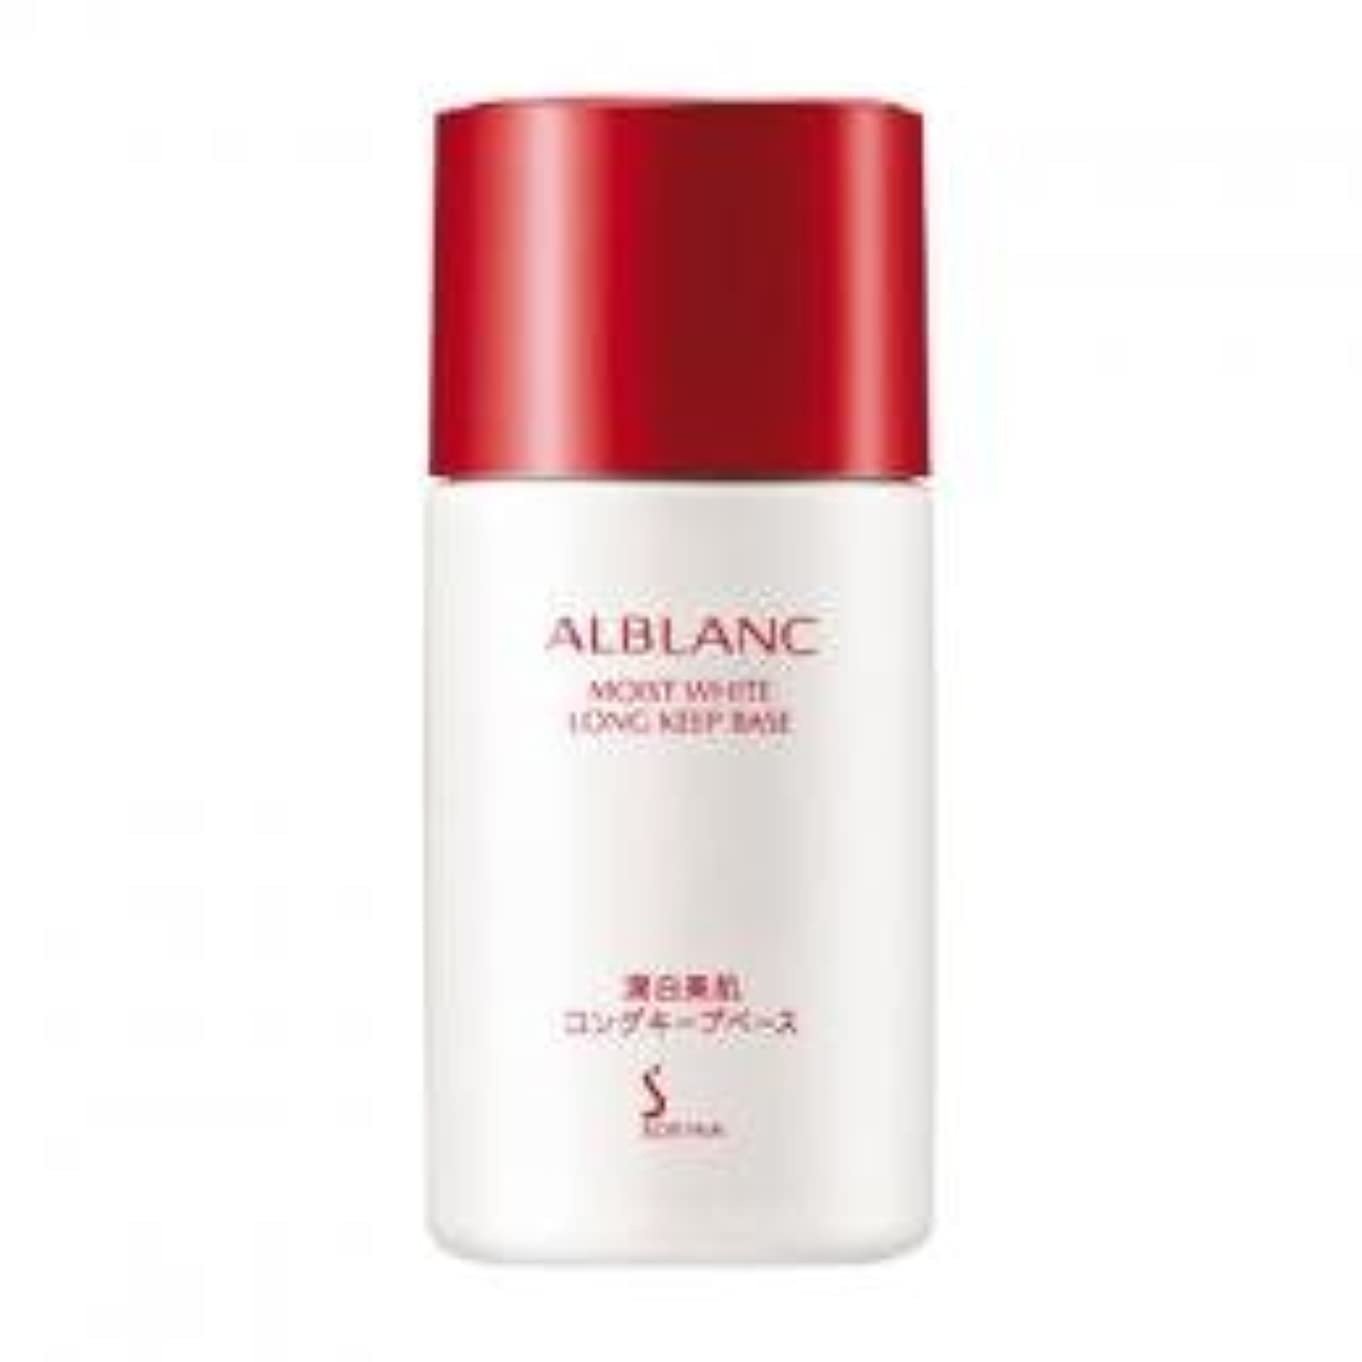 ルール発生するジャンルアルブラン 潤白美肌 ロングキープベース 25ml